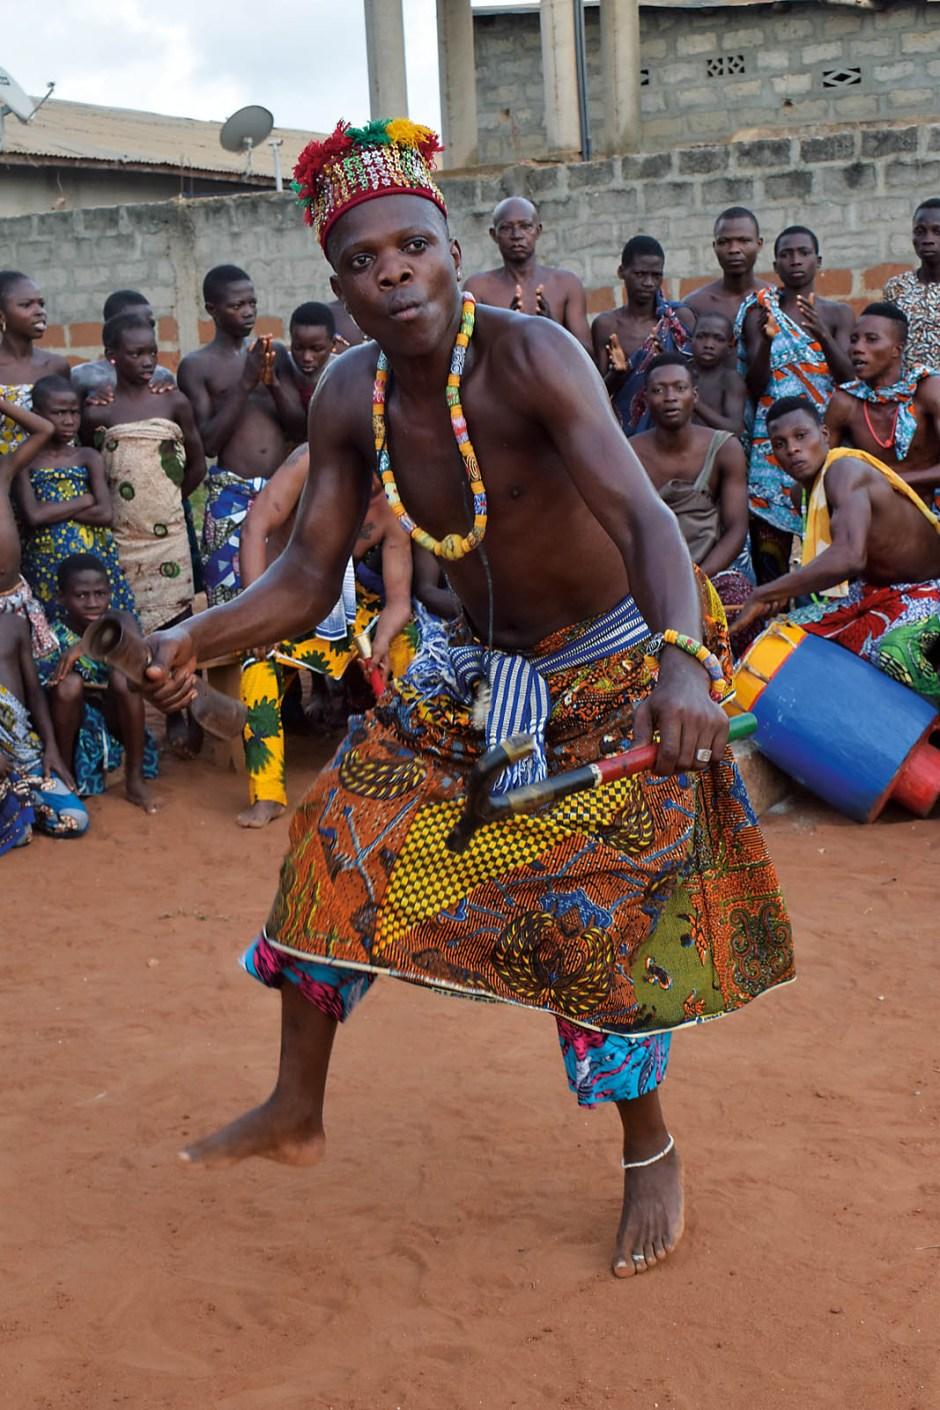 Das Dorf Hevie in der Nähe von Cotonou stimmt sich auf die Orakelzeremonie ein. Trommeln und rhythmisches Klatschen begleiten den Tänzer, der bei solchen Ereignissen auch in Trance fallen kann.